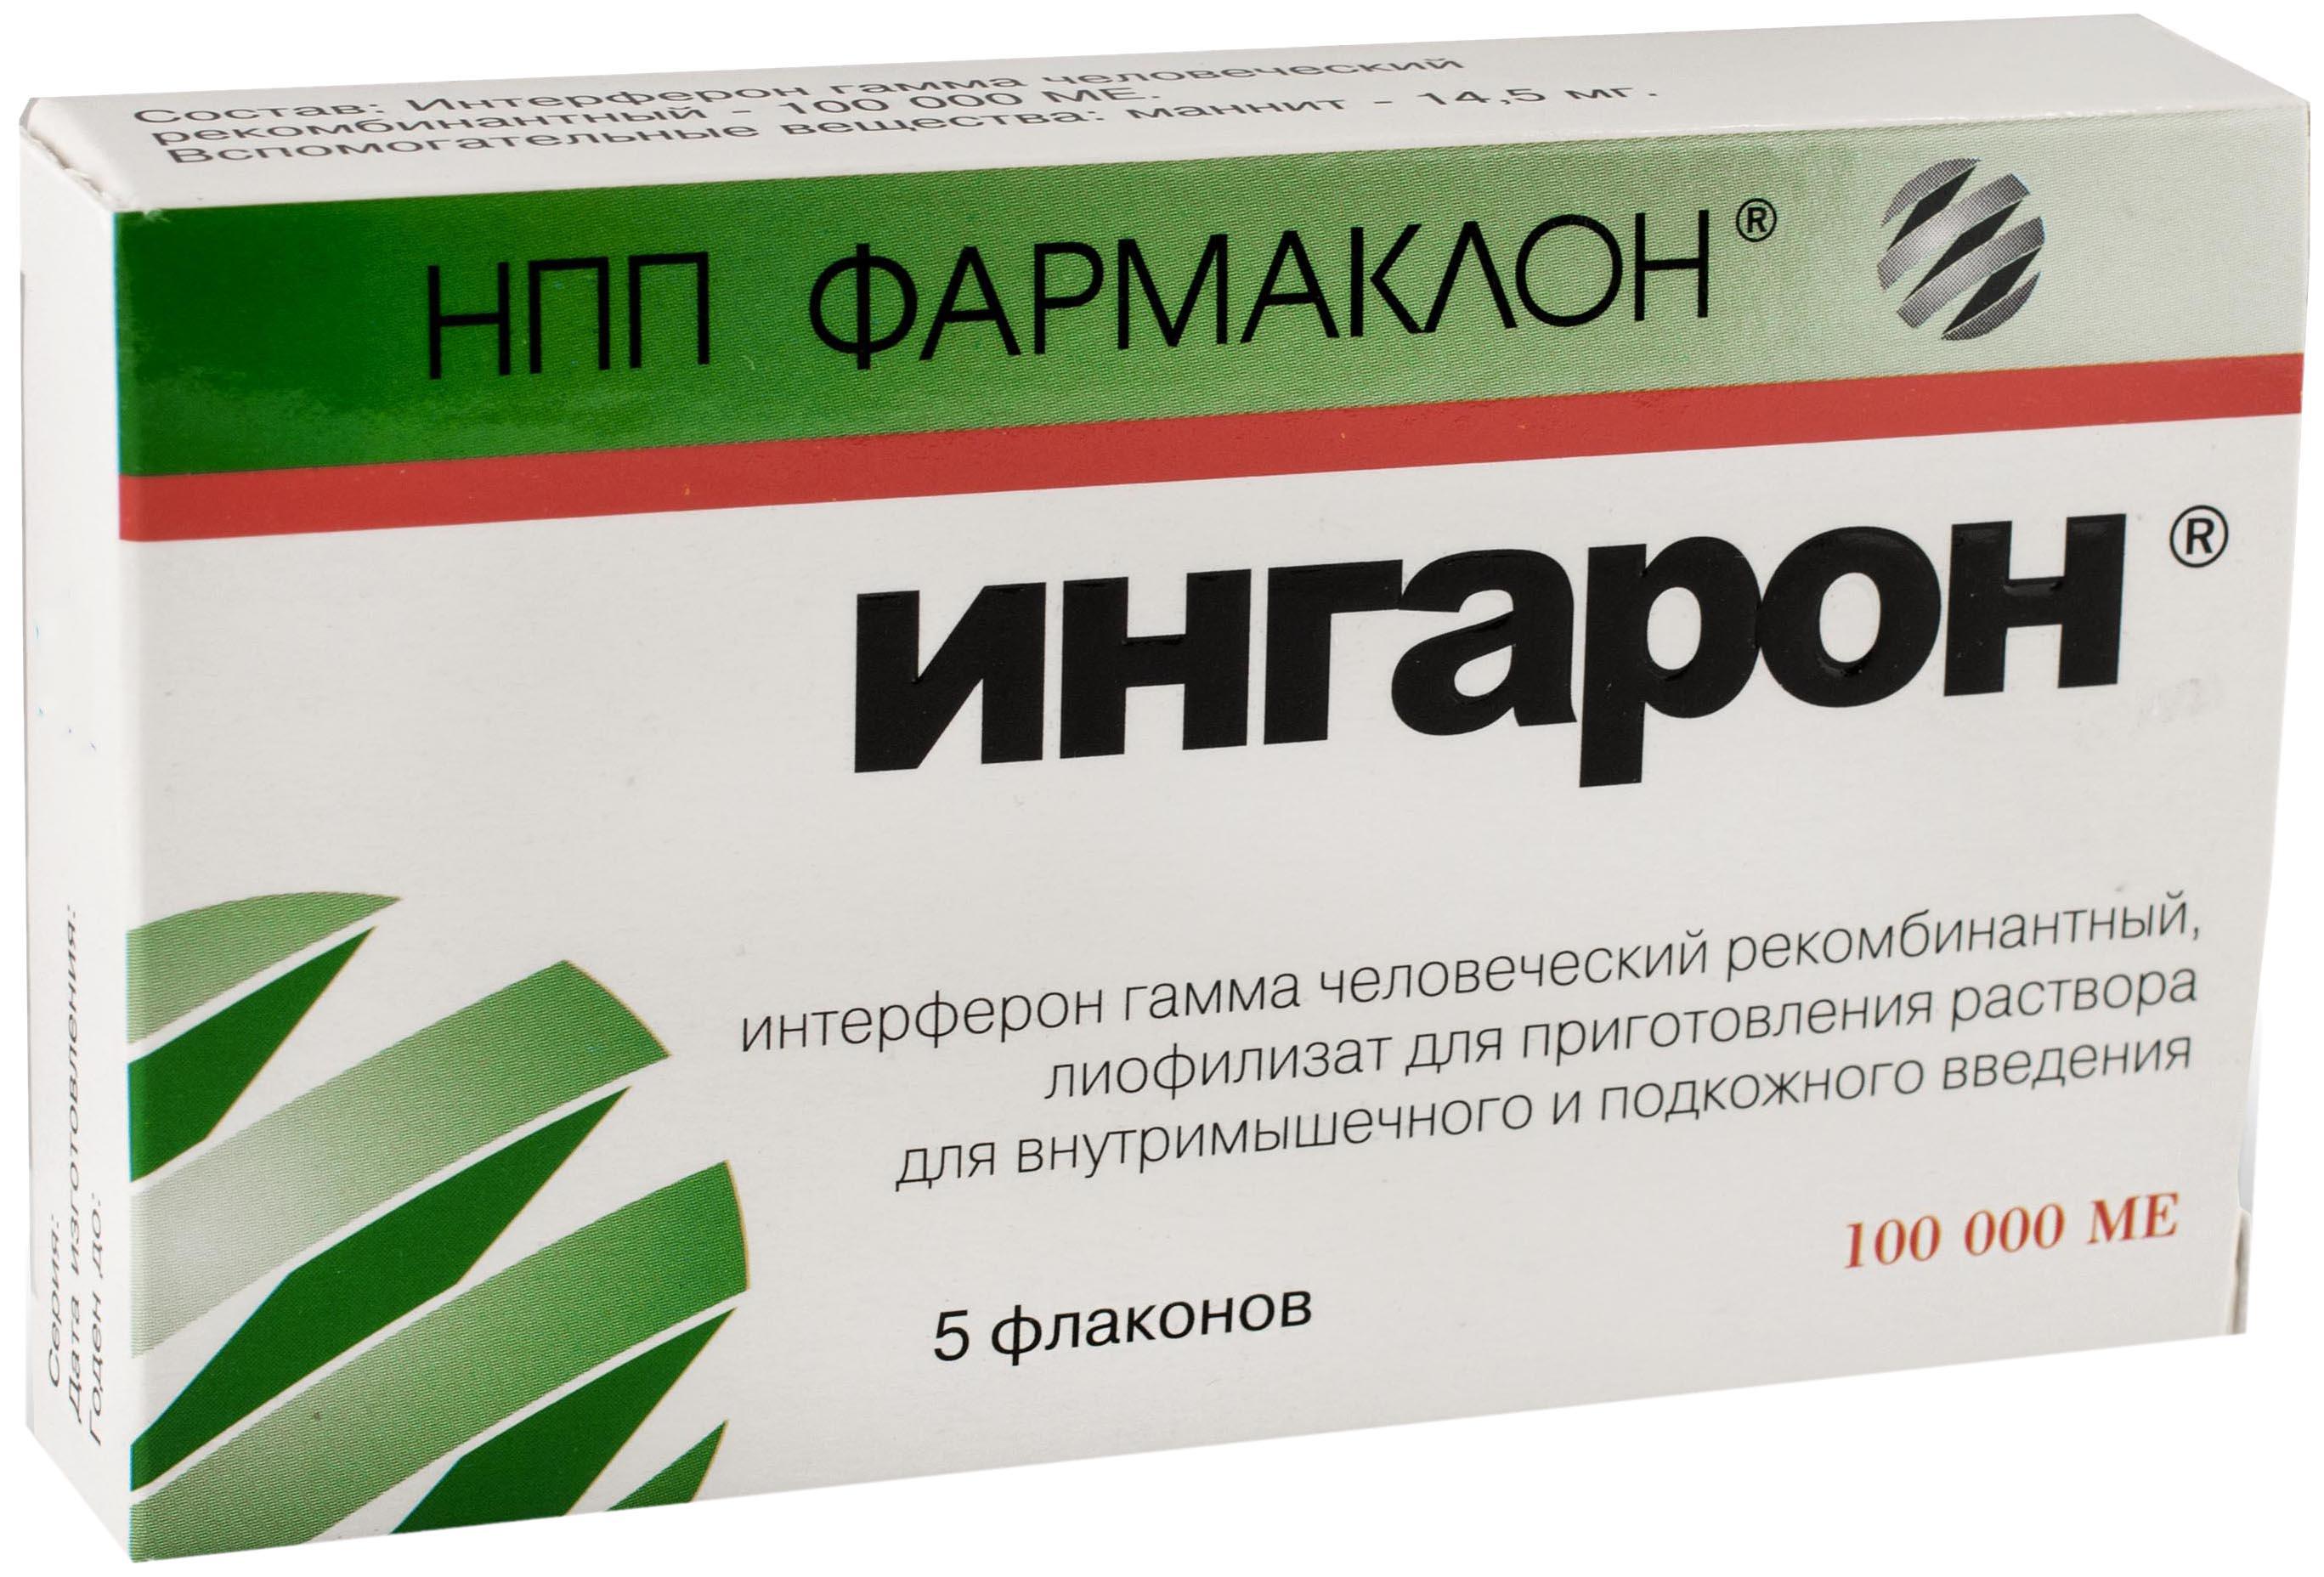 Ингарон лиоф. для р-ра для в/м и п/к введ 100тыс.МЕ фл. №5